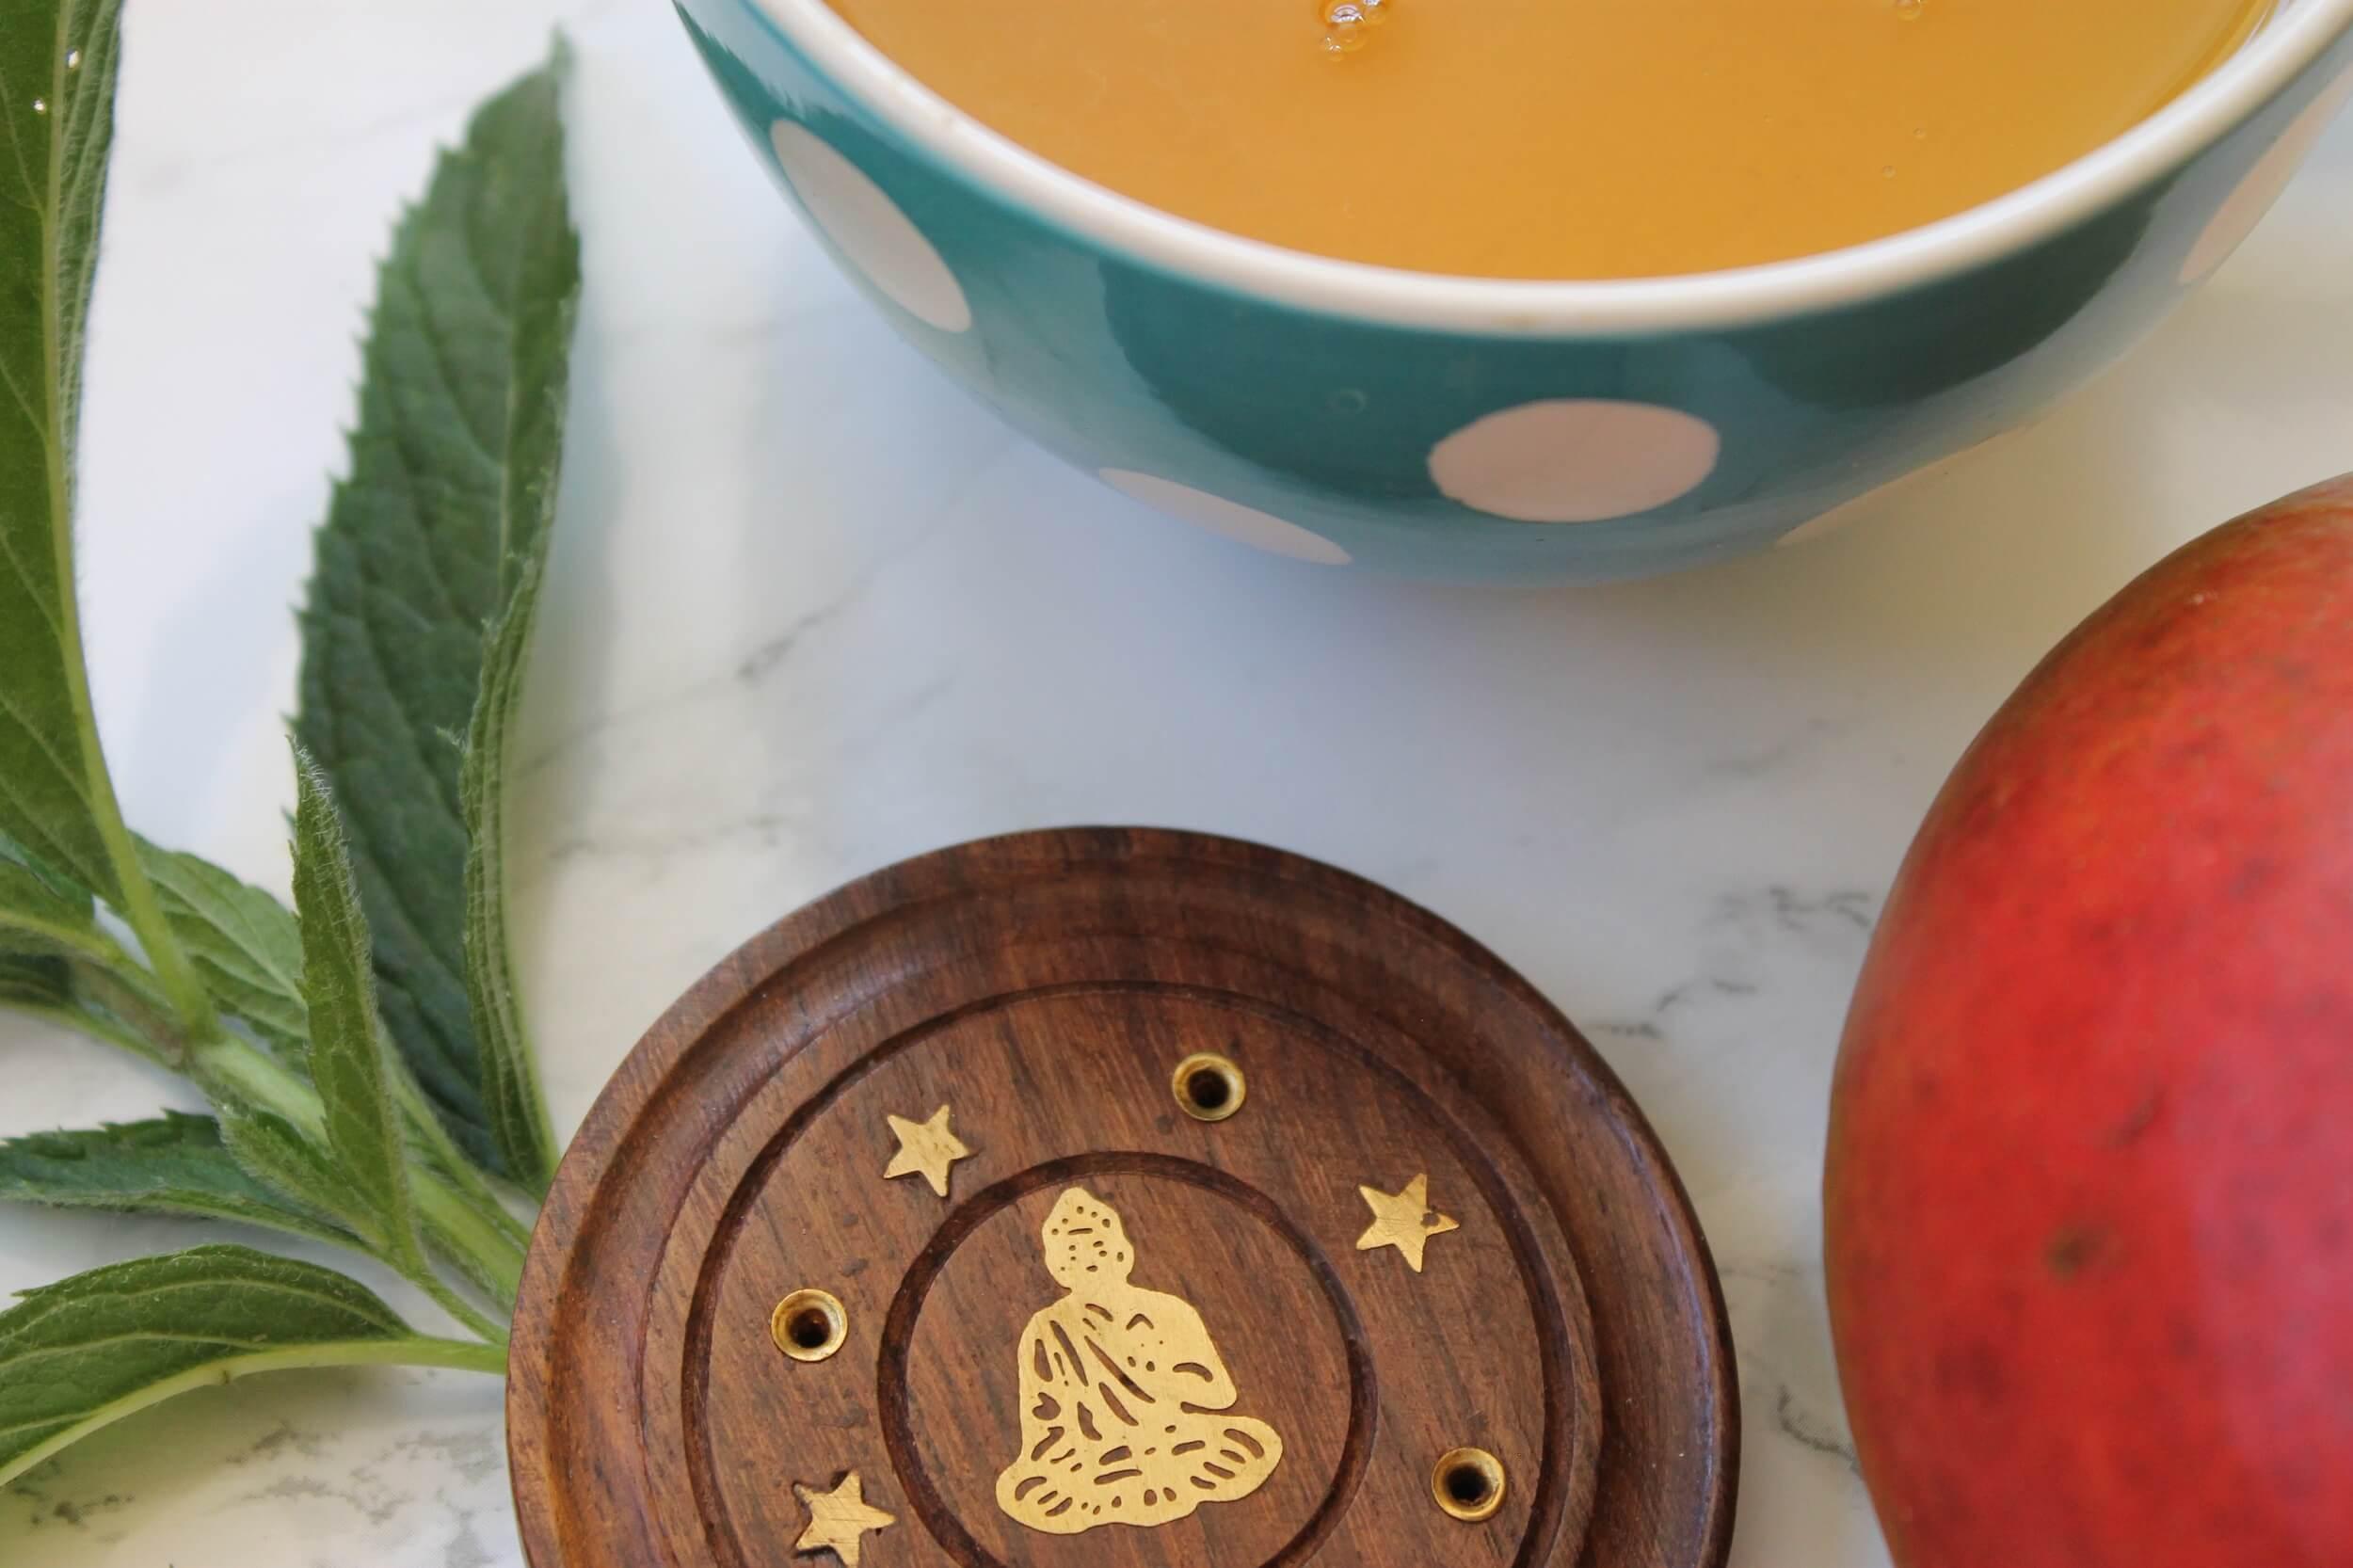 vanilla mint and mango flavoured tea